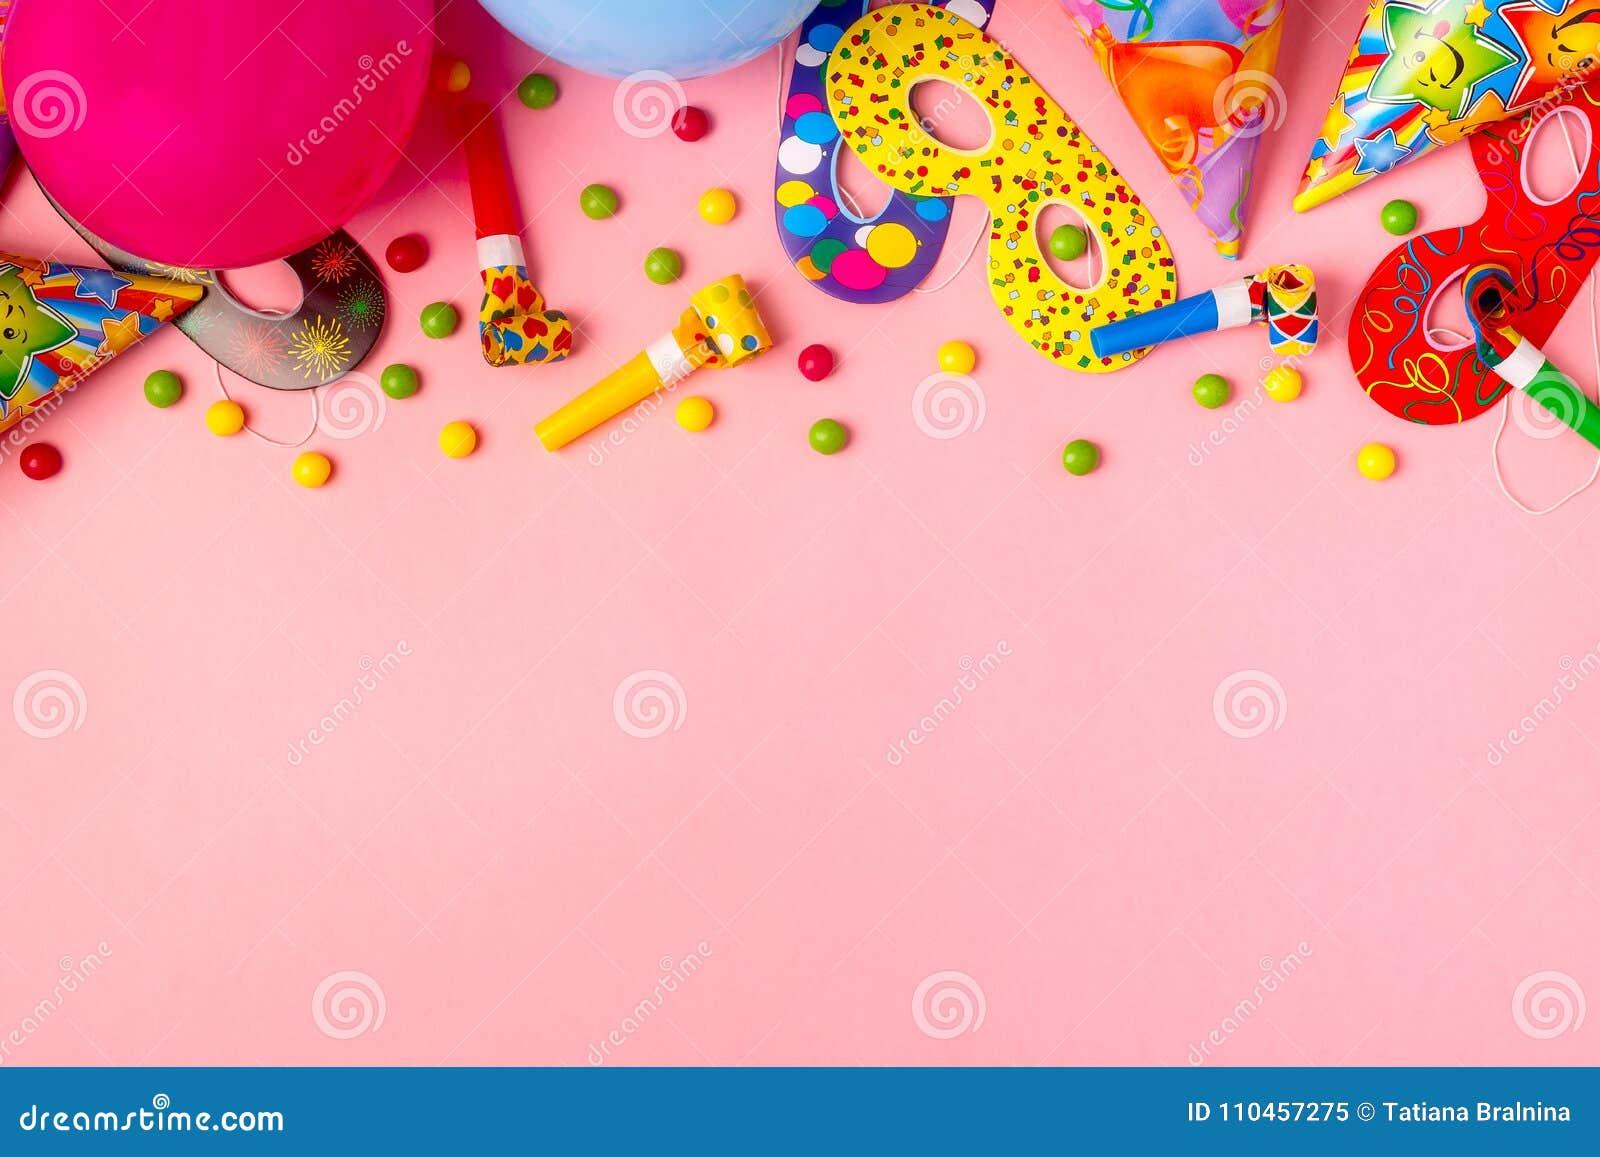 Ljus dekor för en födelsedag, ett parti, en festival eller en karneval